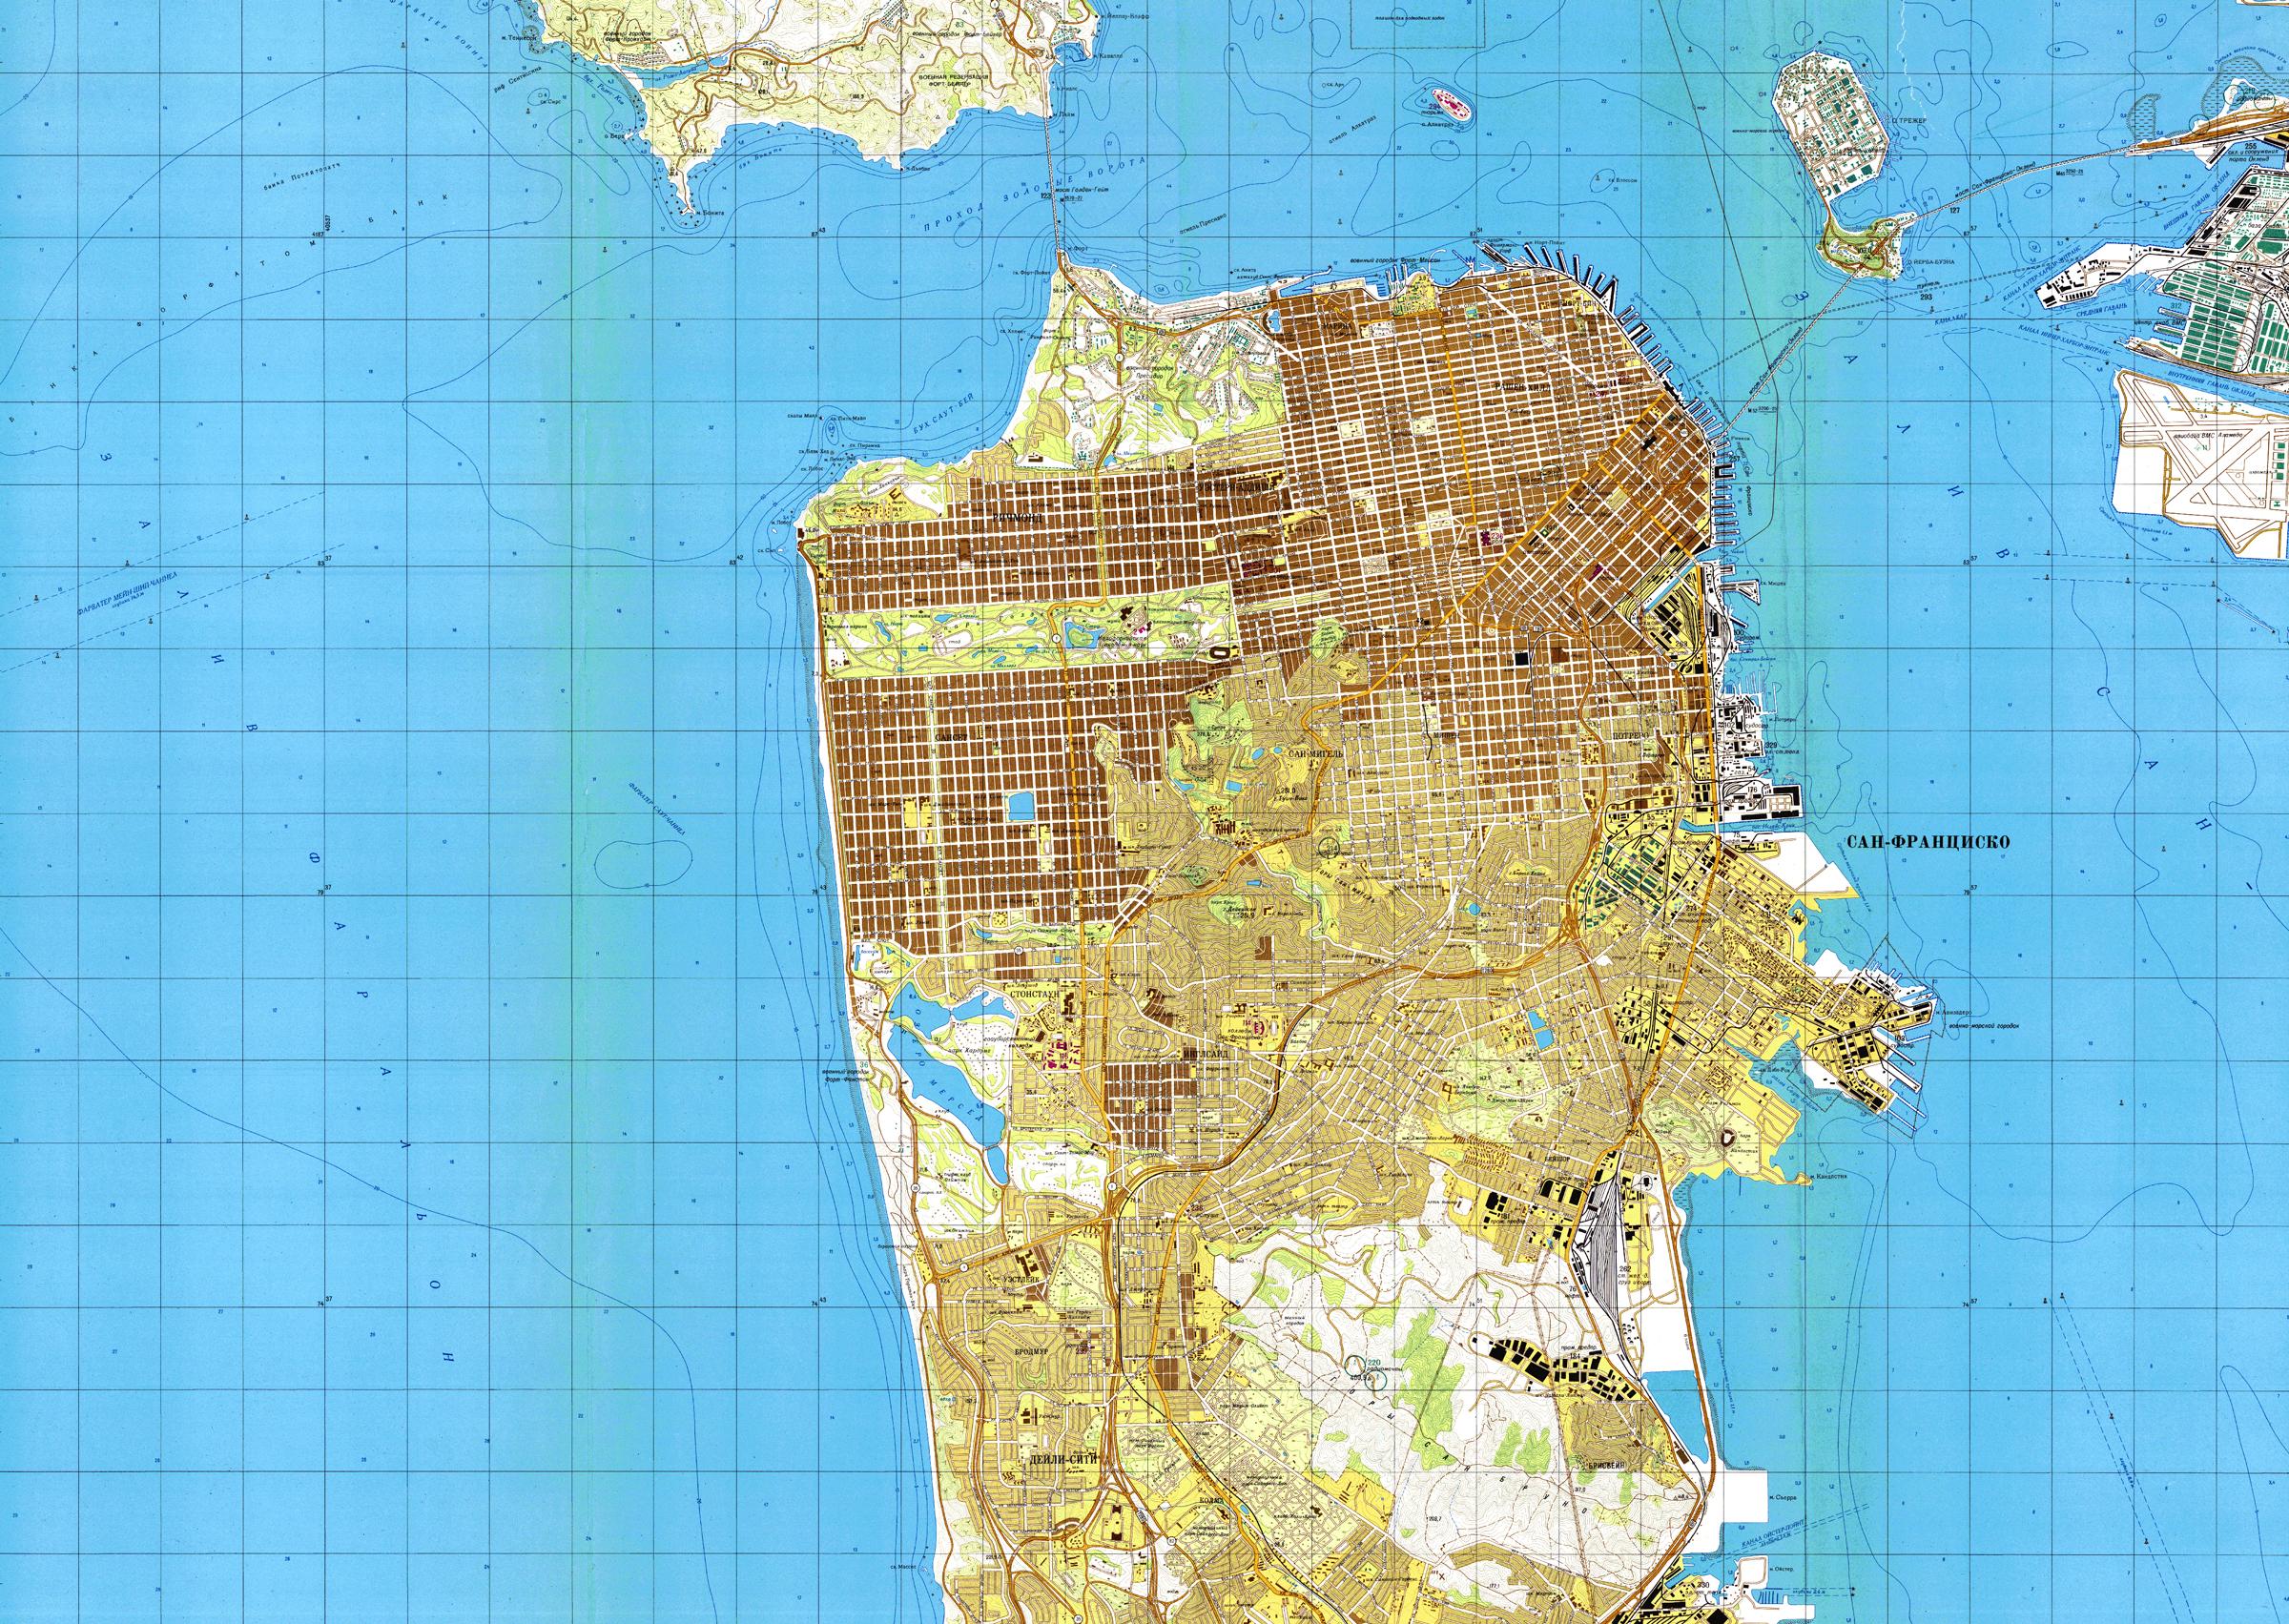 Карта Сан-Франциско, Калифорния, созданная в 1980 г. в СССР